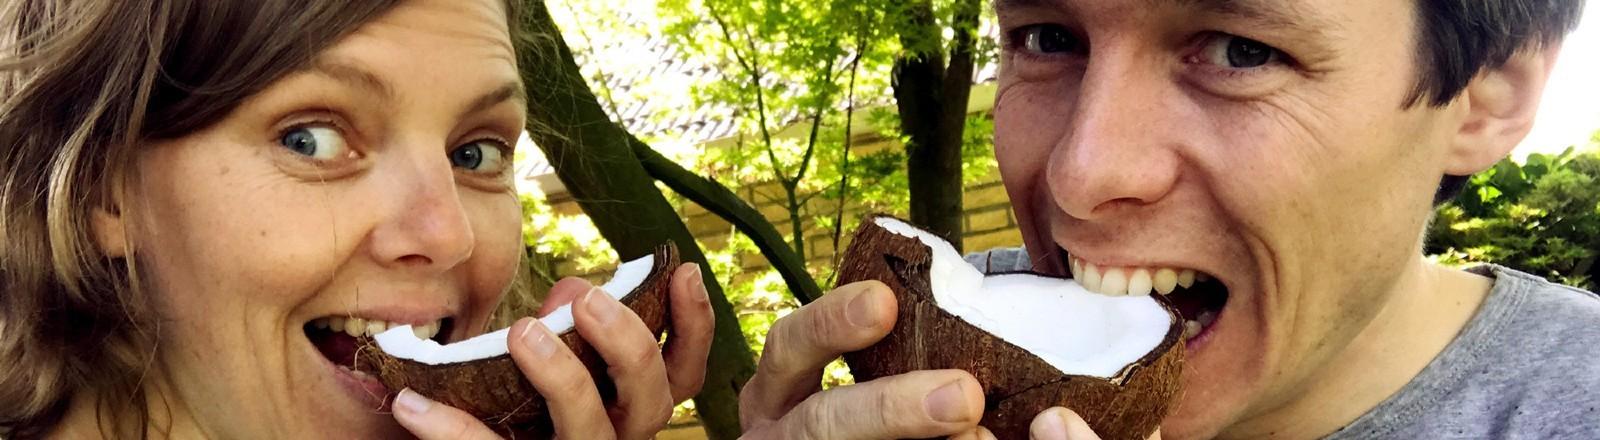 Matthias Nienhaus und seine Schwester Andrea essen eine Kokosnuss